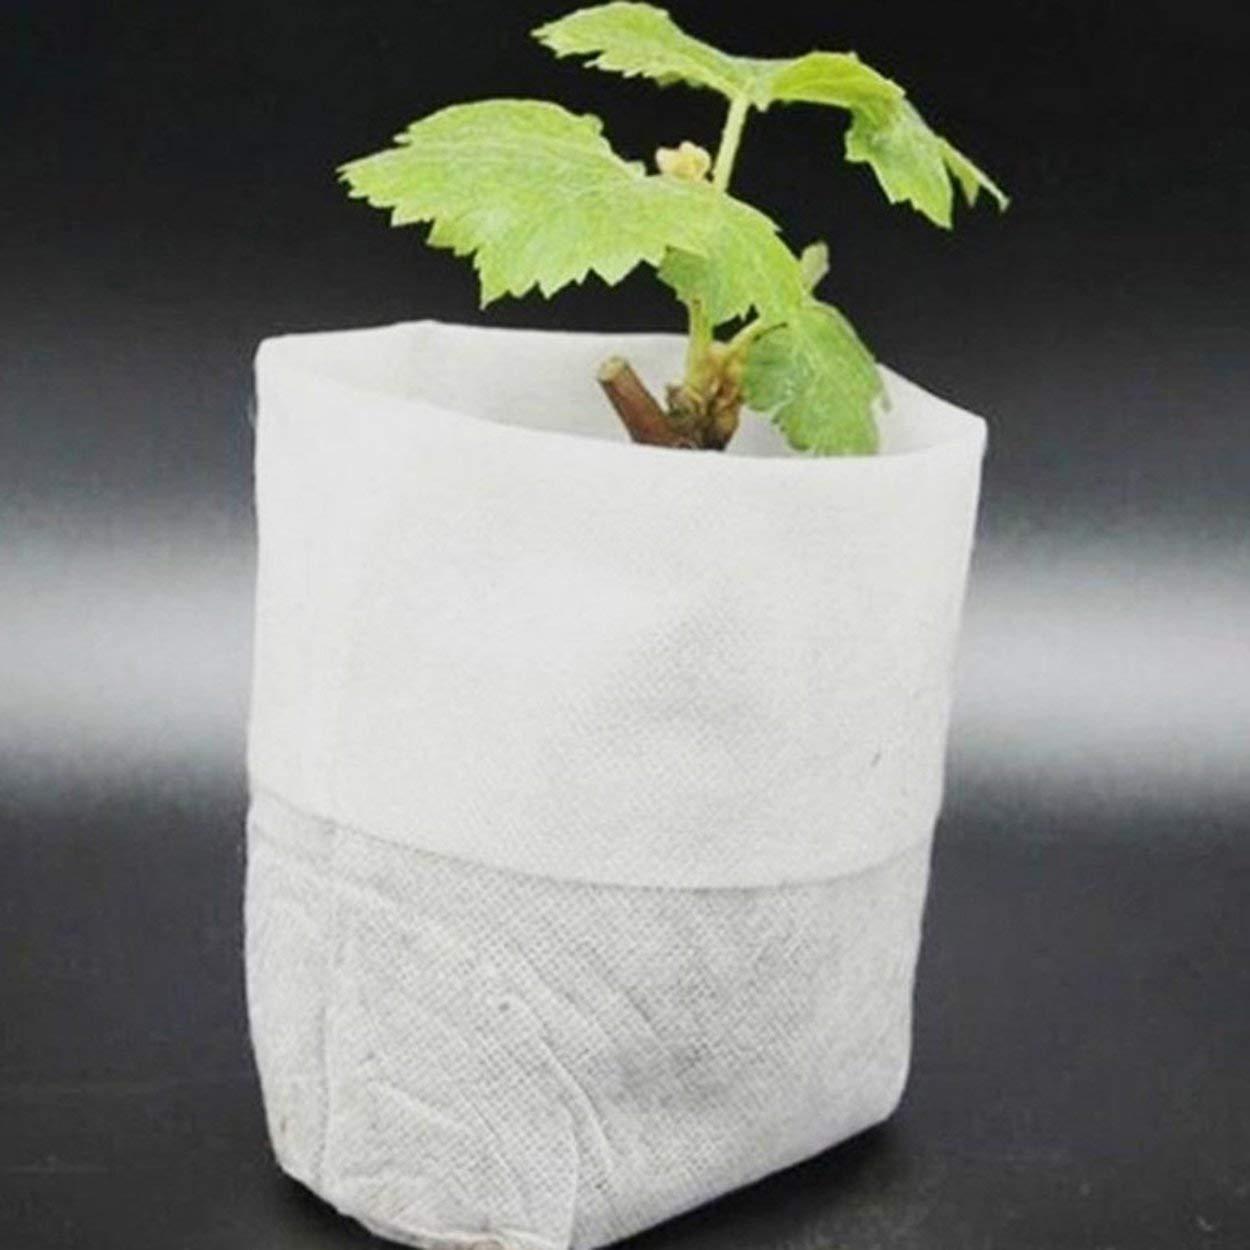 Lofenlli 100PCS Sac Biod/égradable Graine Sacs De P/épini/ère P/épini/ère Pots De Fleurs Transplantation De L/égumes Pots D/élevage Jardin Sac De Plantation